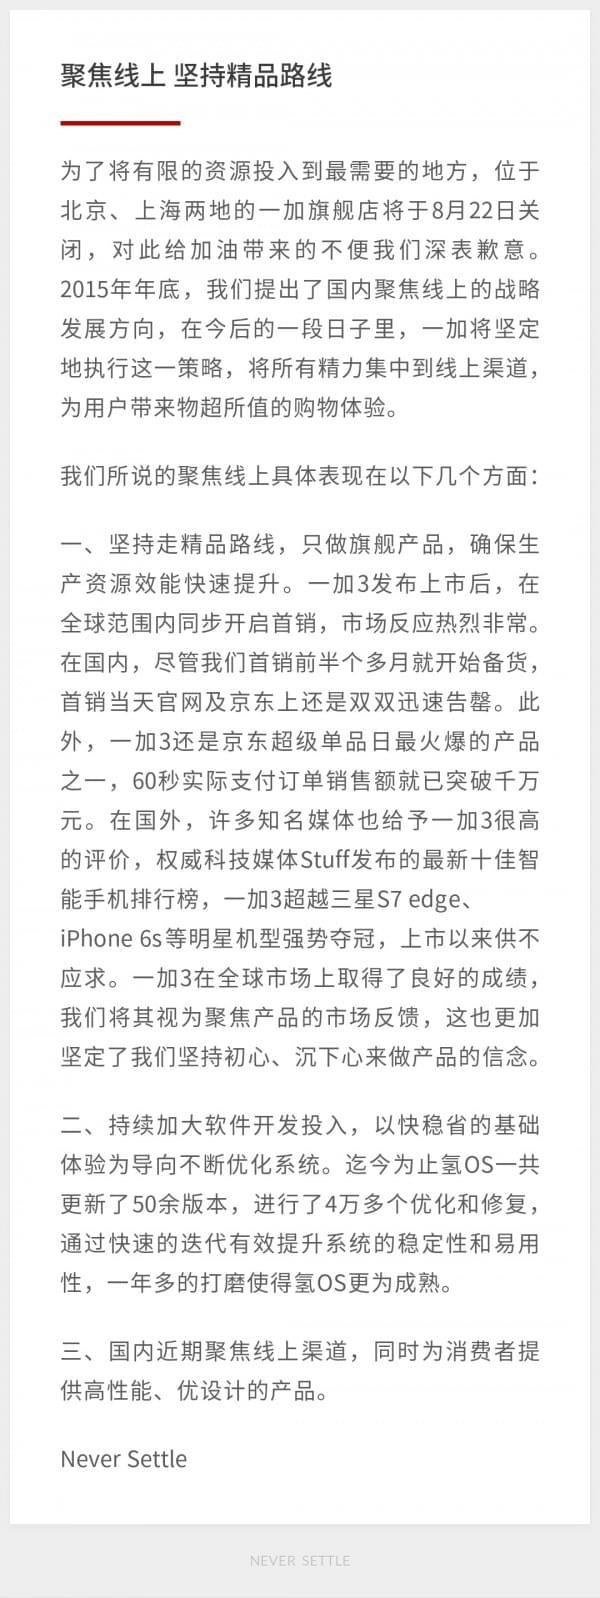 一加手机宣布大调整:关闭北京上海旗舰店今后主攻线上的照片 - 2